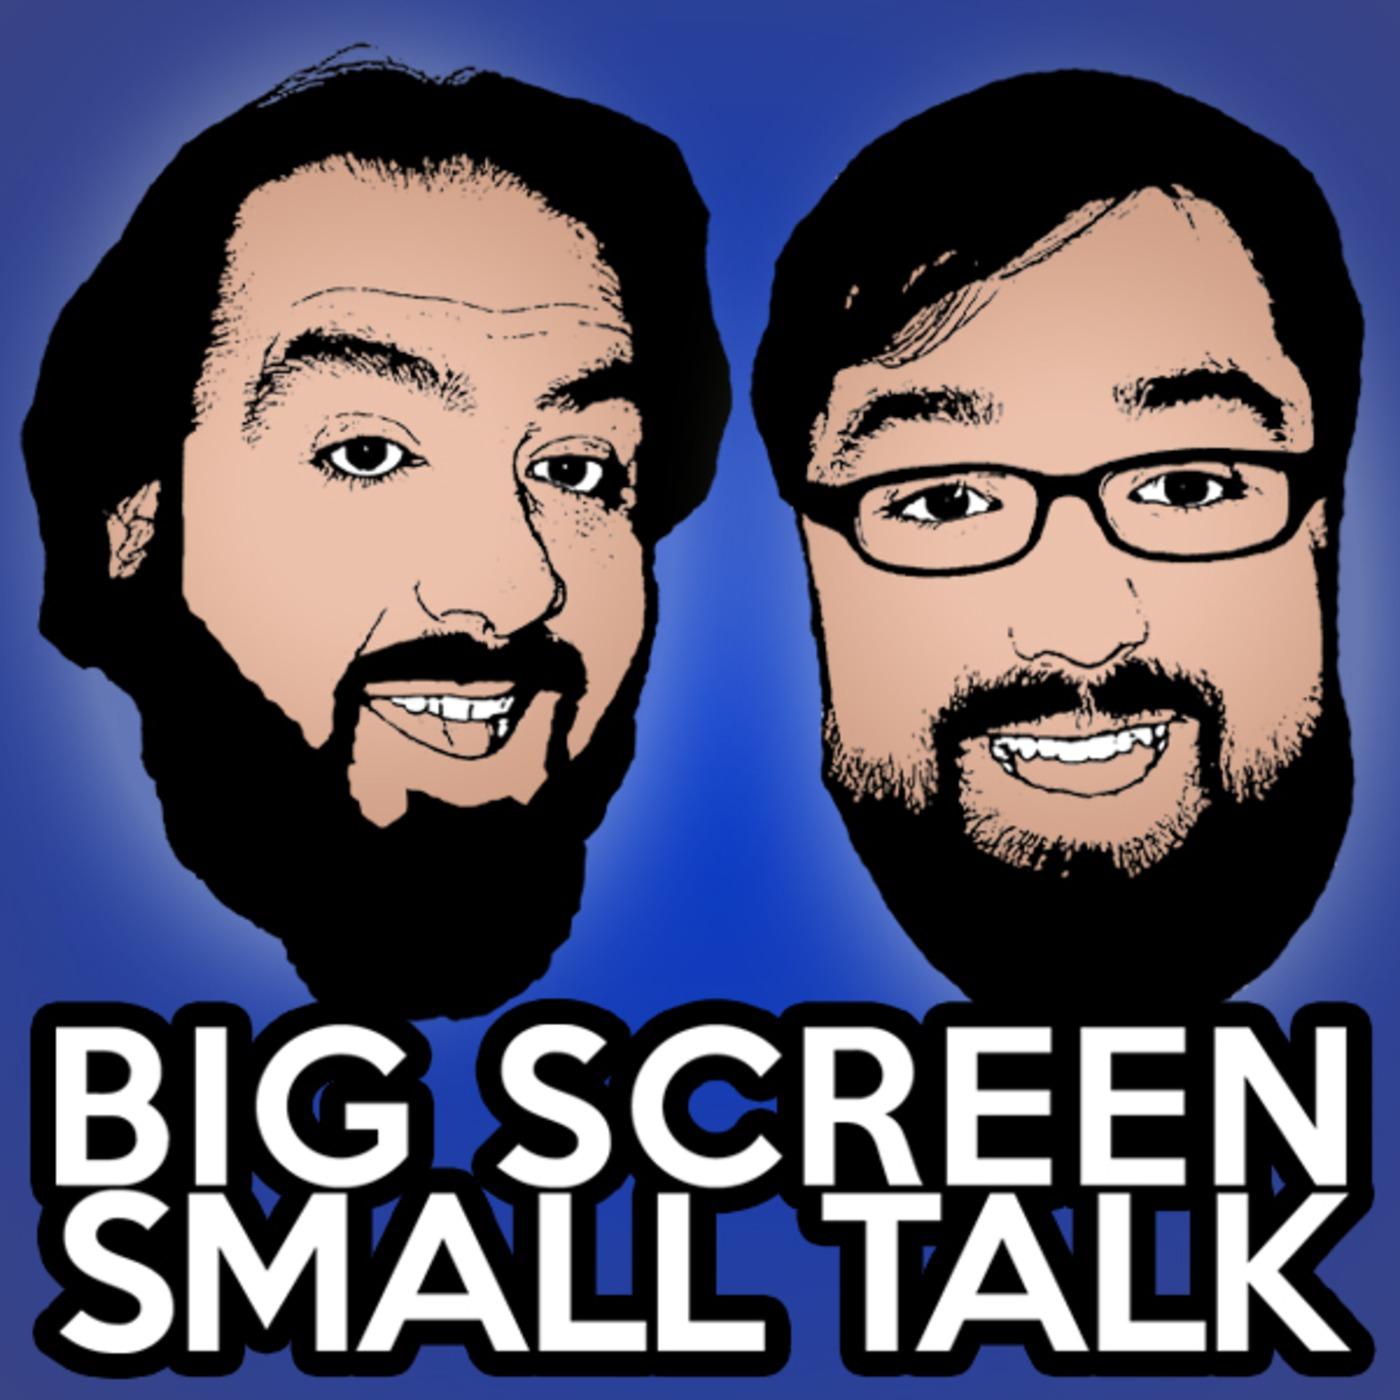 BIG SCREEN SMALL TALK